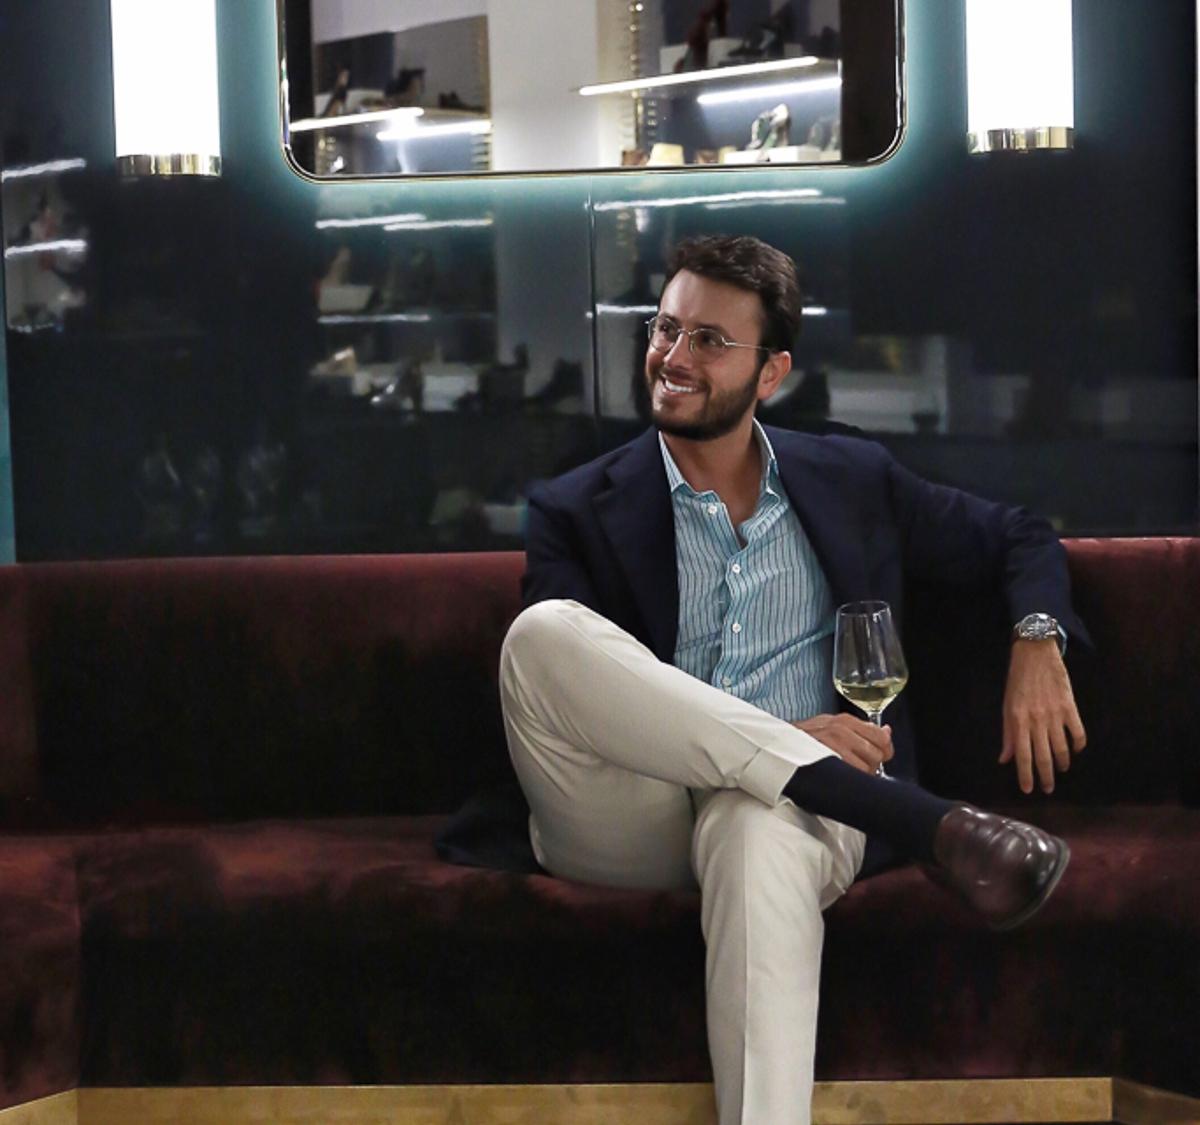 Intervista a Matilde Ratti e Francesco Galli Una conversazione con i fondatori di FR Boutique, il multibrand di fascia alta che il 15 settembre scorso ha aperto i battenti nel cuore di Bologna